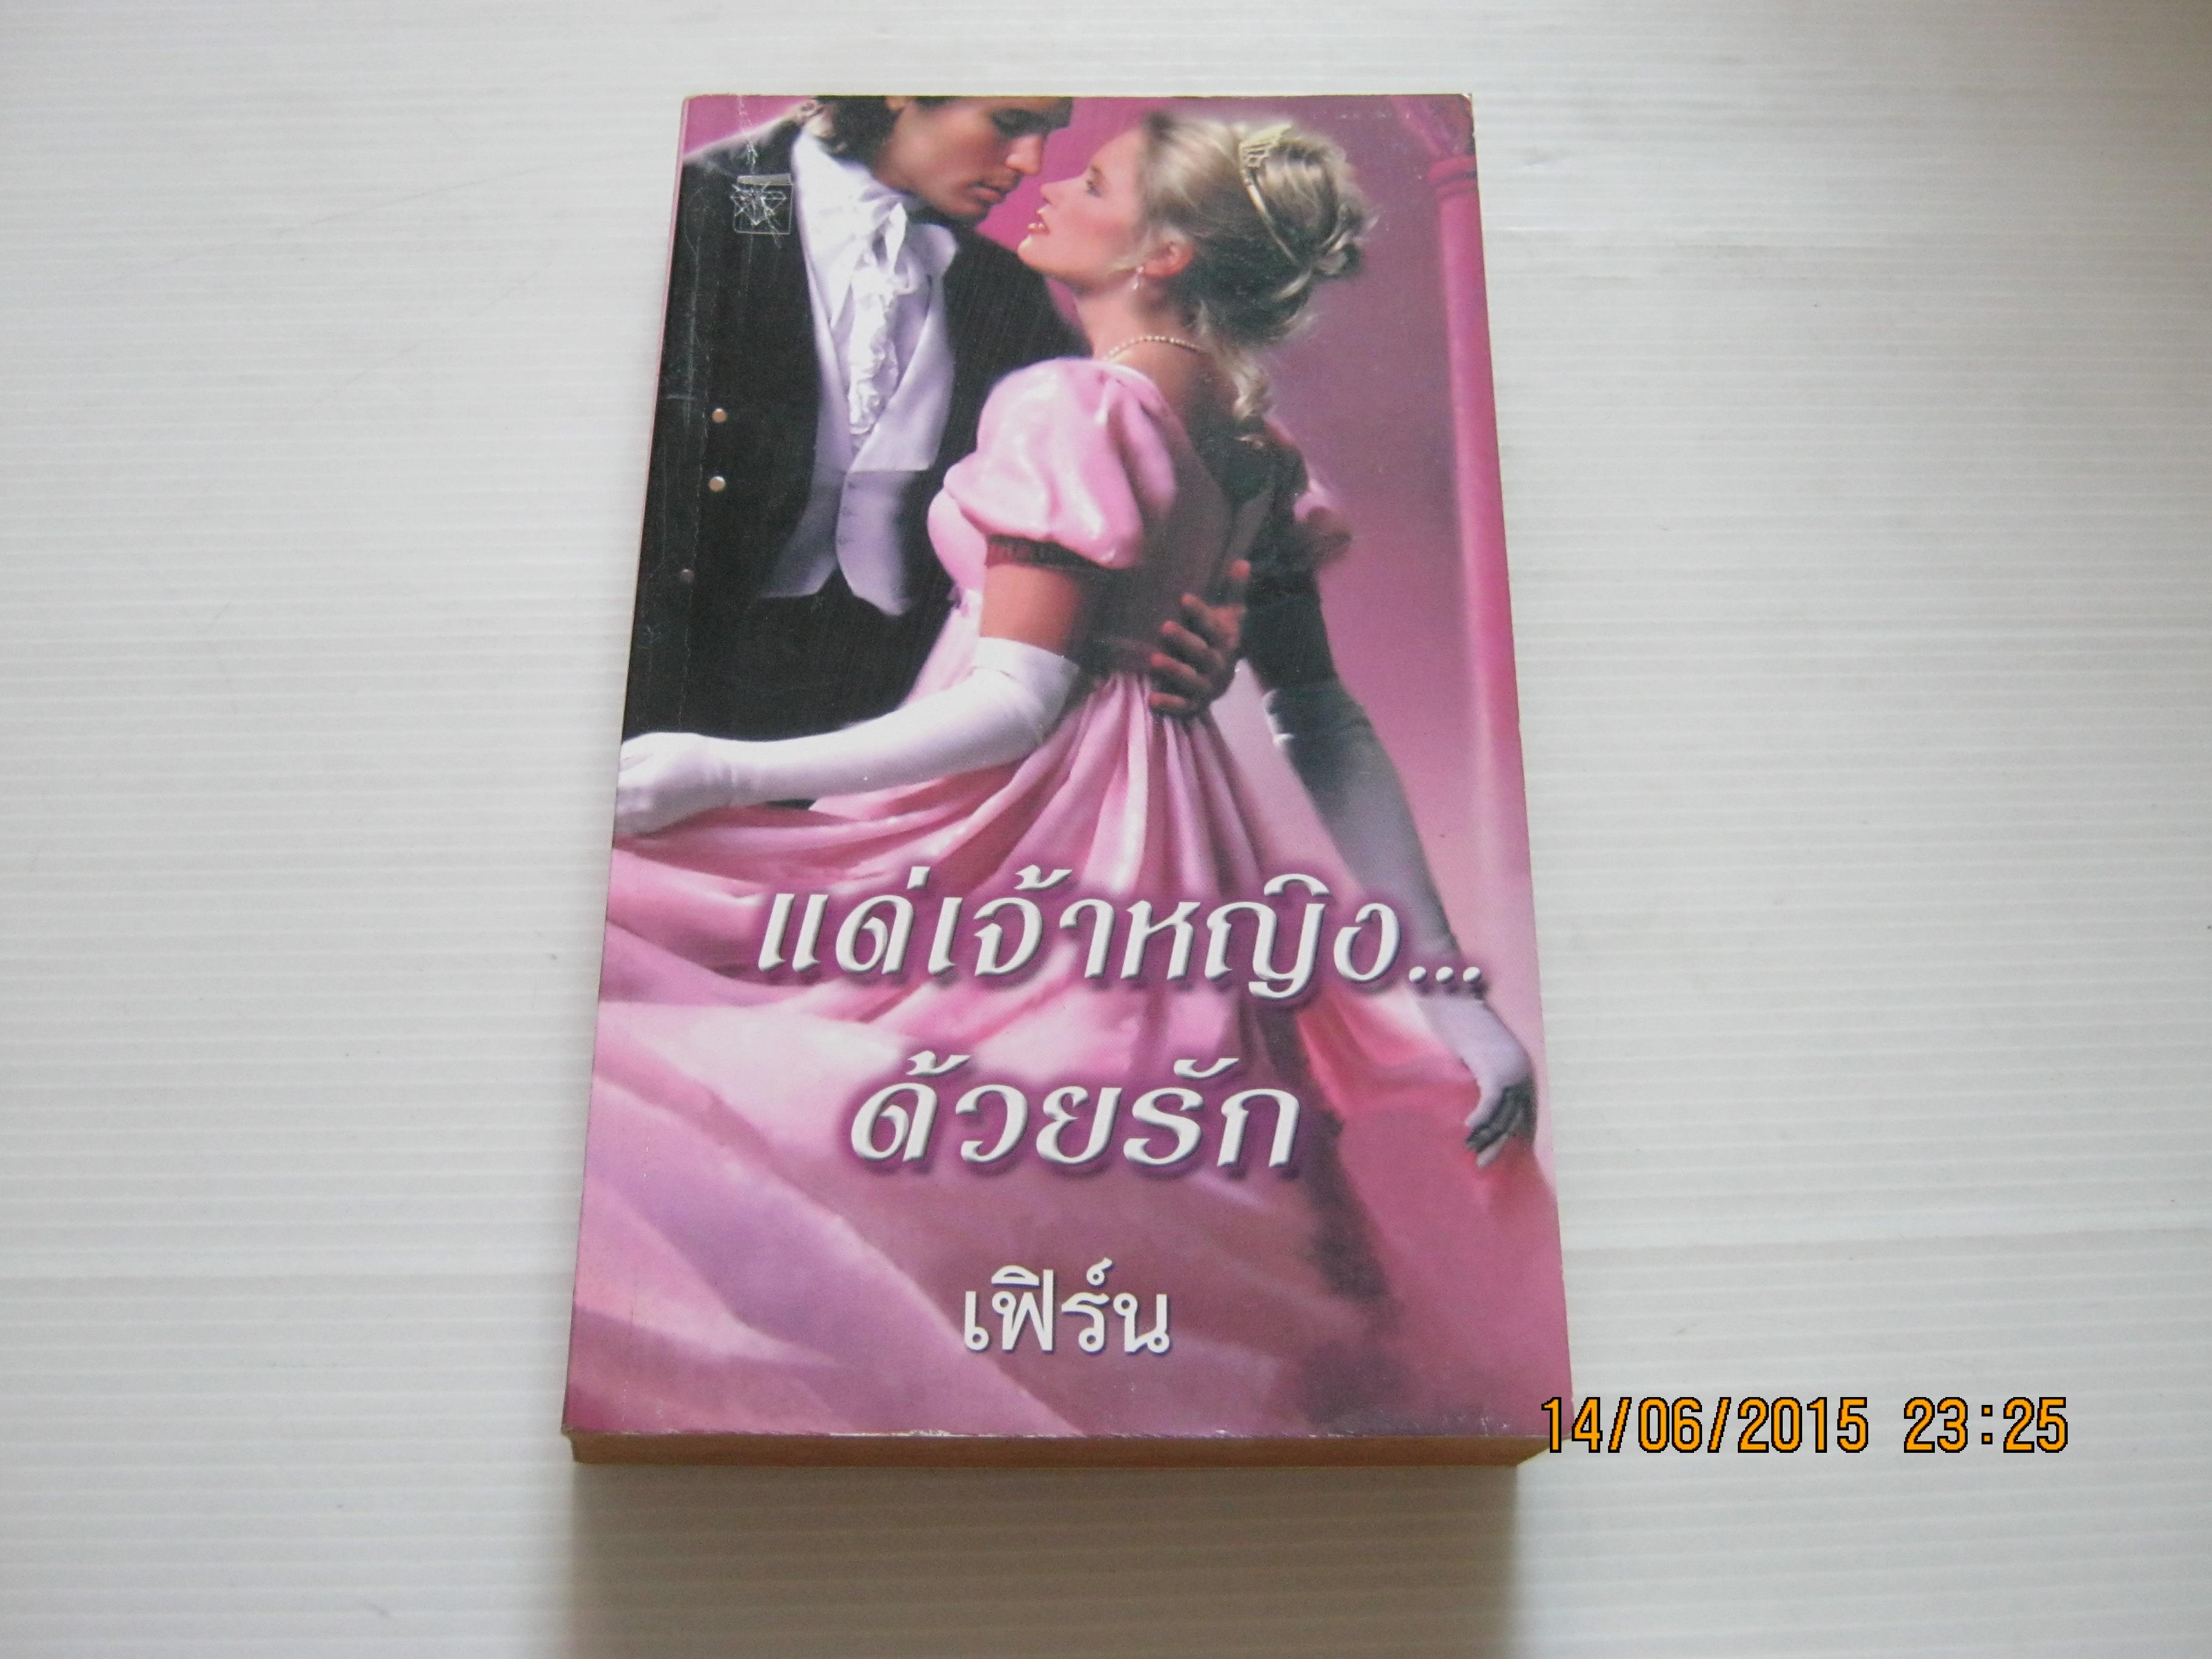 แด่เจ้าหญิง...ด้วยรัก แพทริเซีย กราสโซ เขียน เฟิร์น แปล